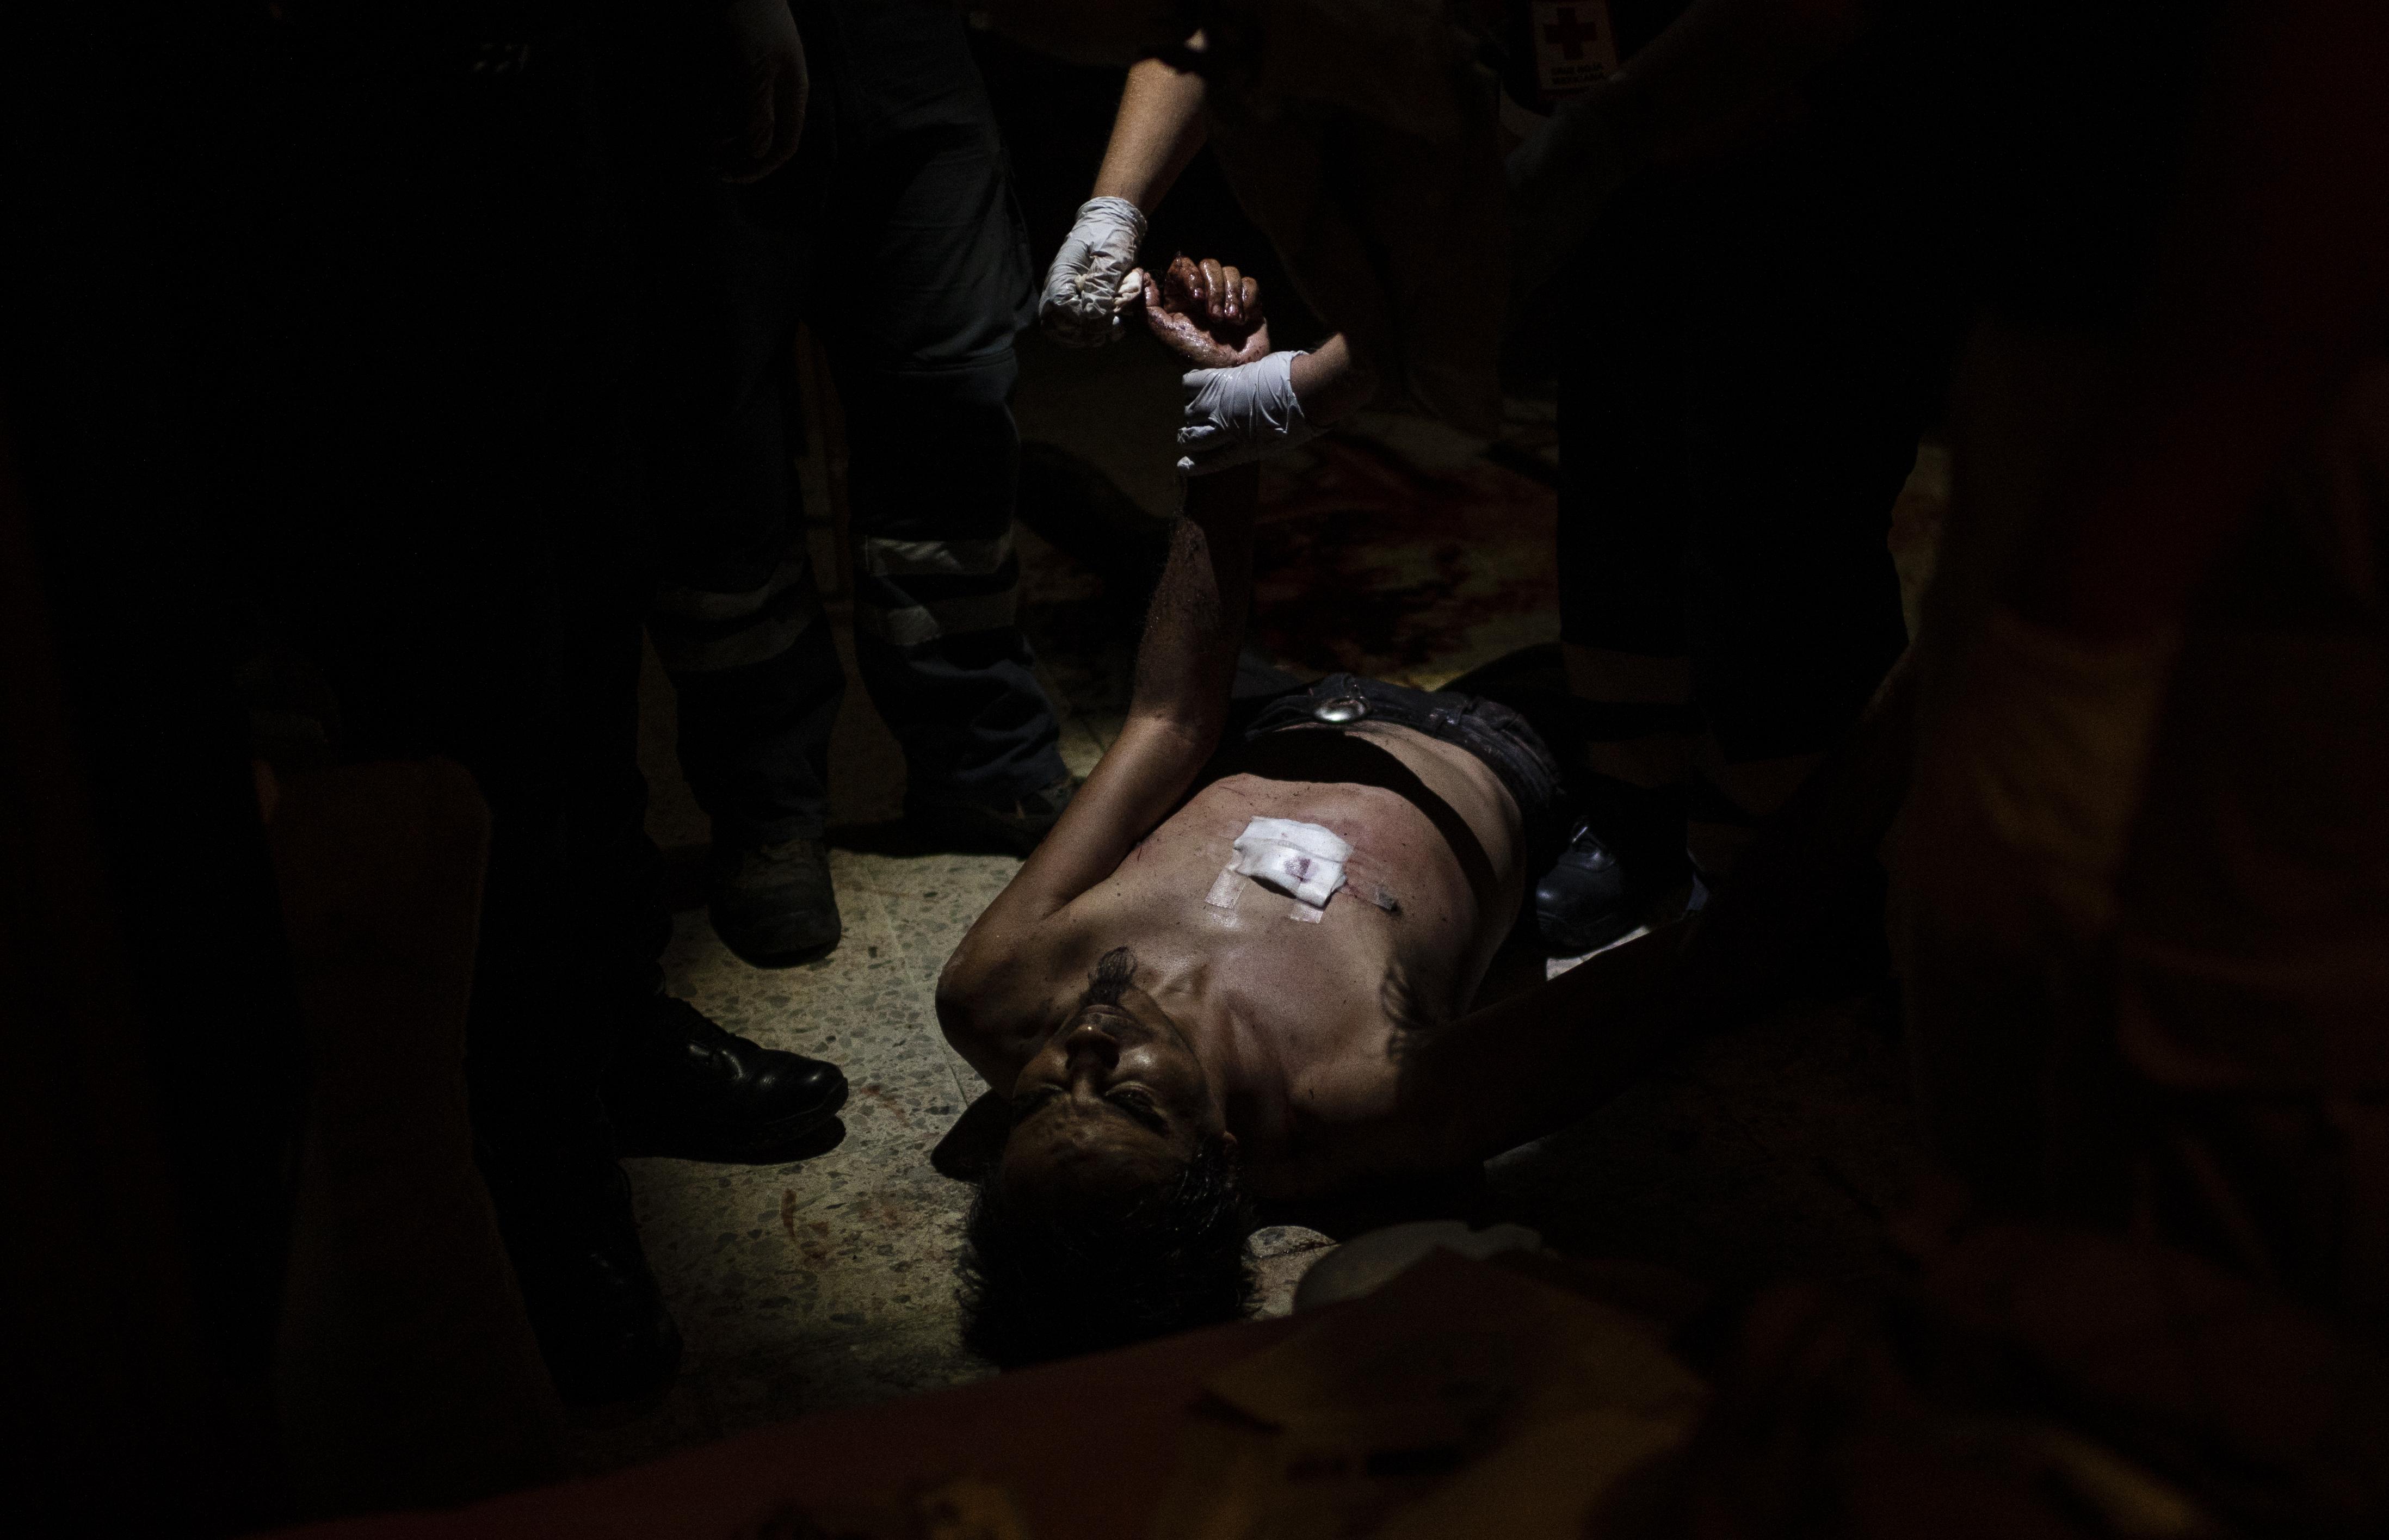 El paramédico Mydori Carmona, de 38 años, controla a un hombre que golpeó a su madre e intentó apuñalarse en el pecho, en Ciudad Nezahualcóyotl, Estado de México, México, el 20 de junio de 2020, durante la nueva pandemia de coronavirus de COVID-19. (Foto por Pedro PARDO / AFP)